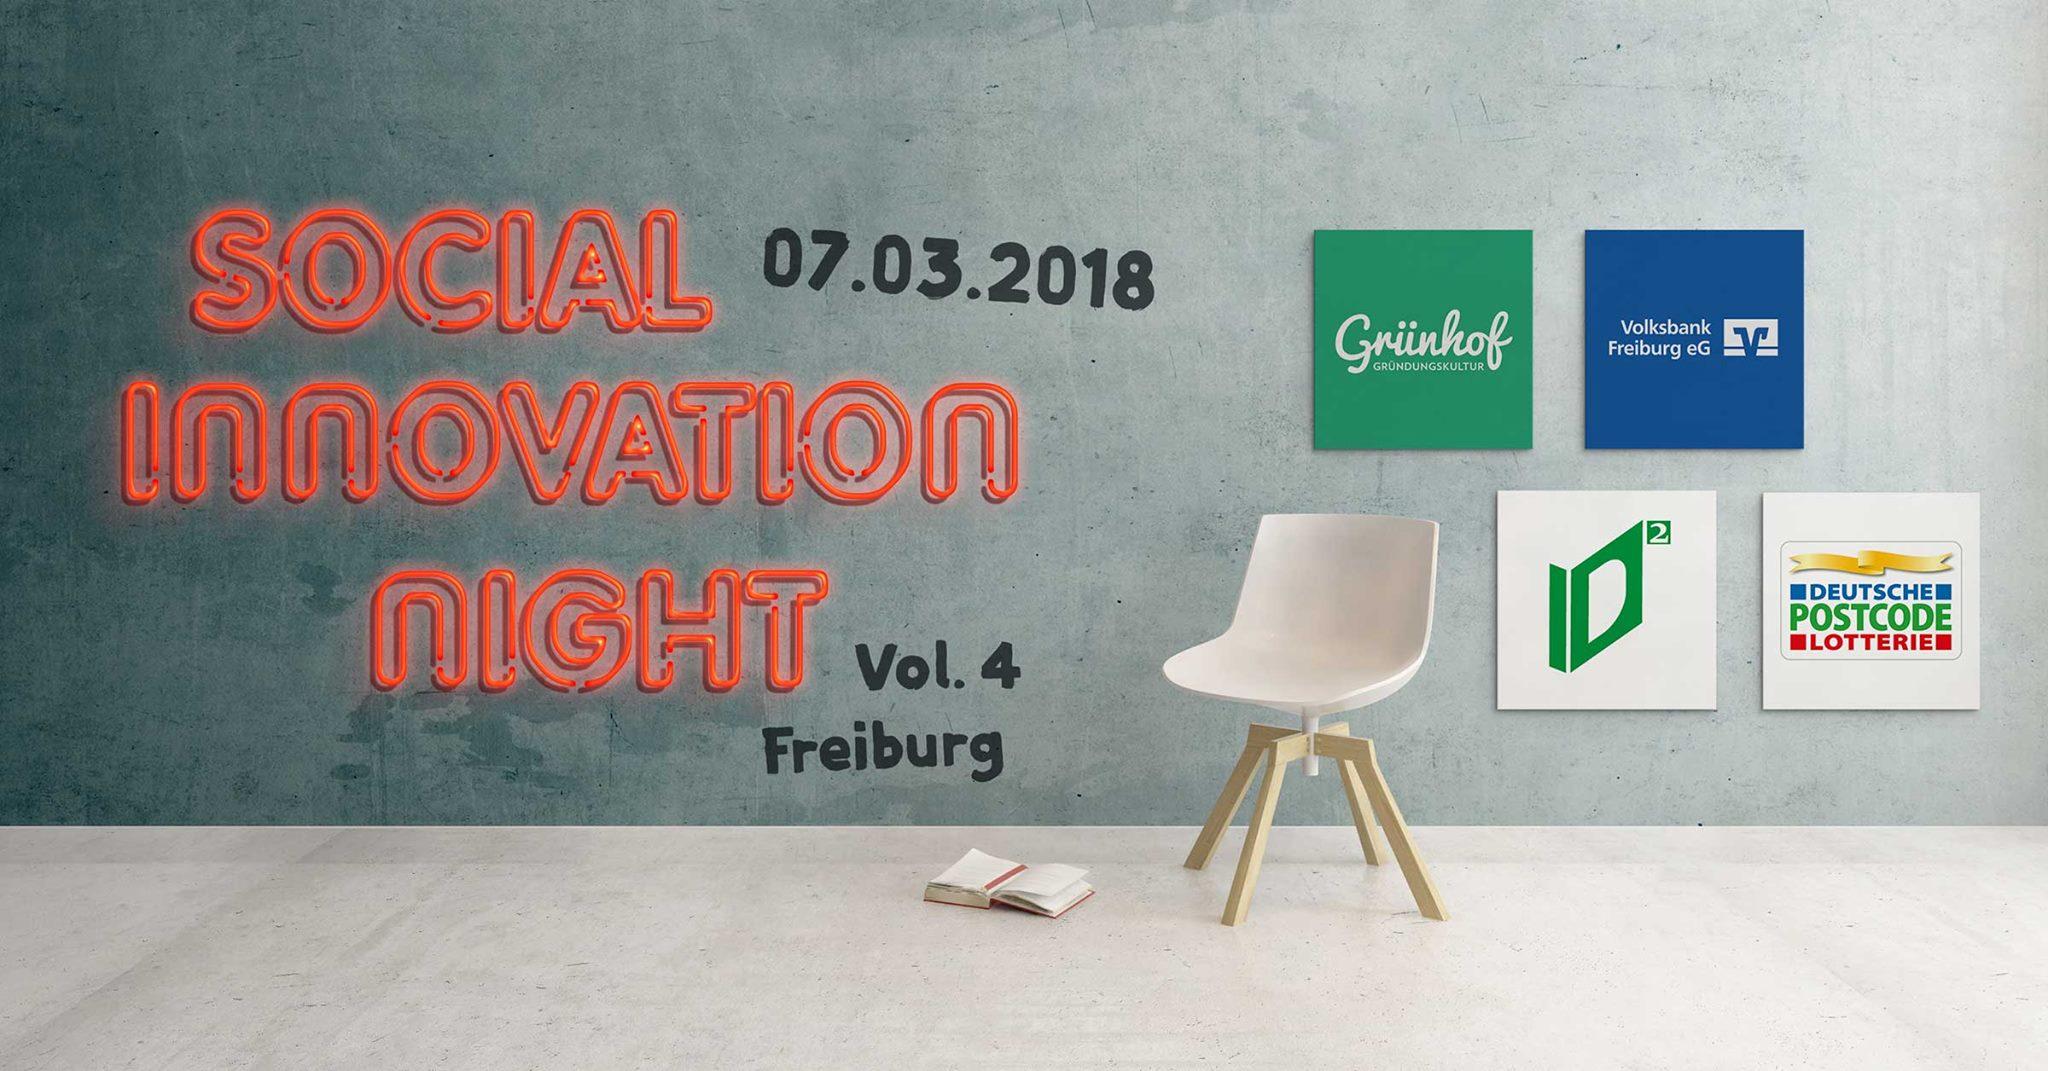 Social Innovation Night